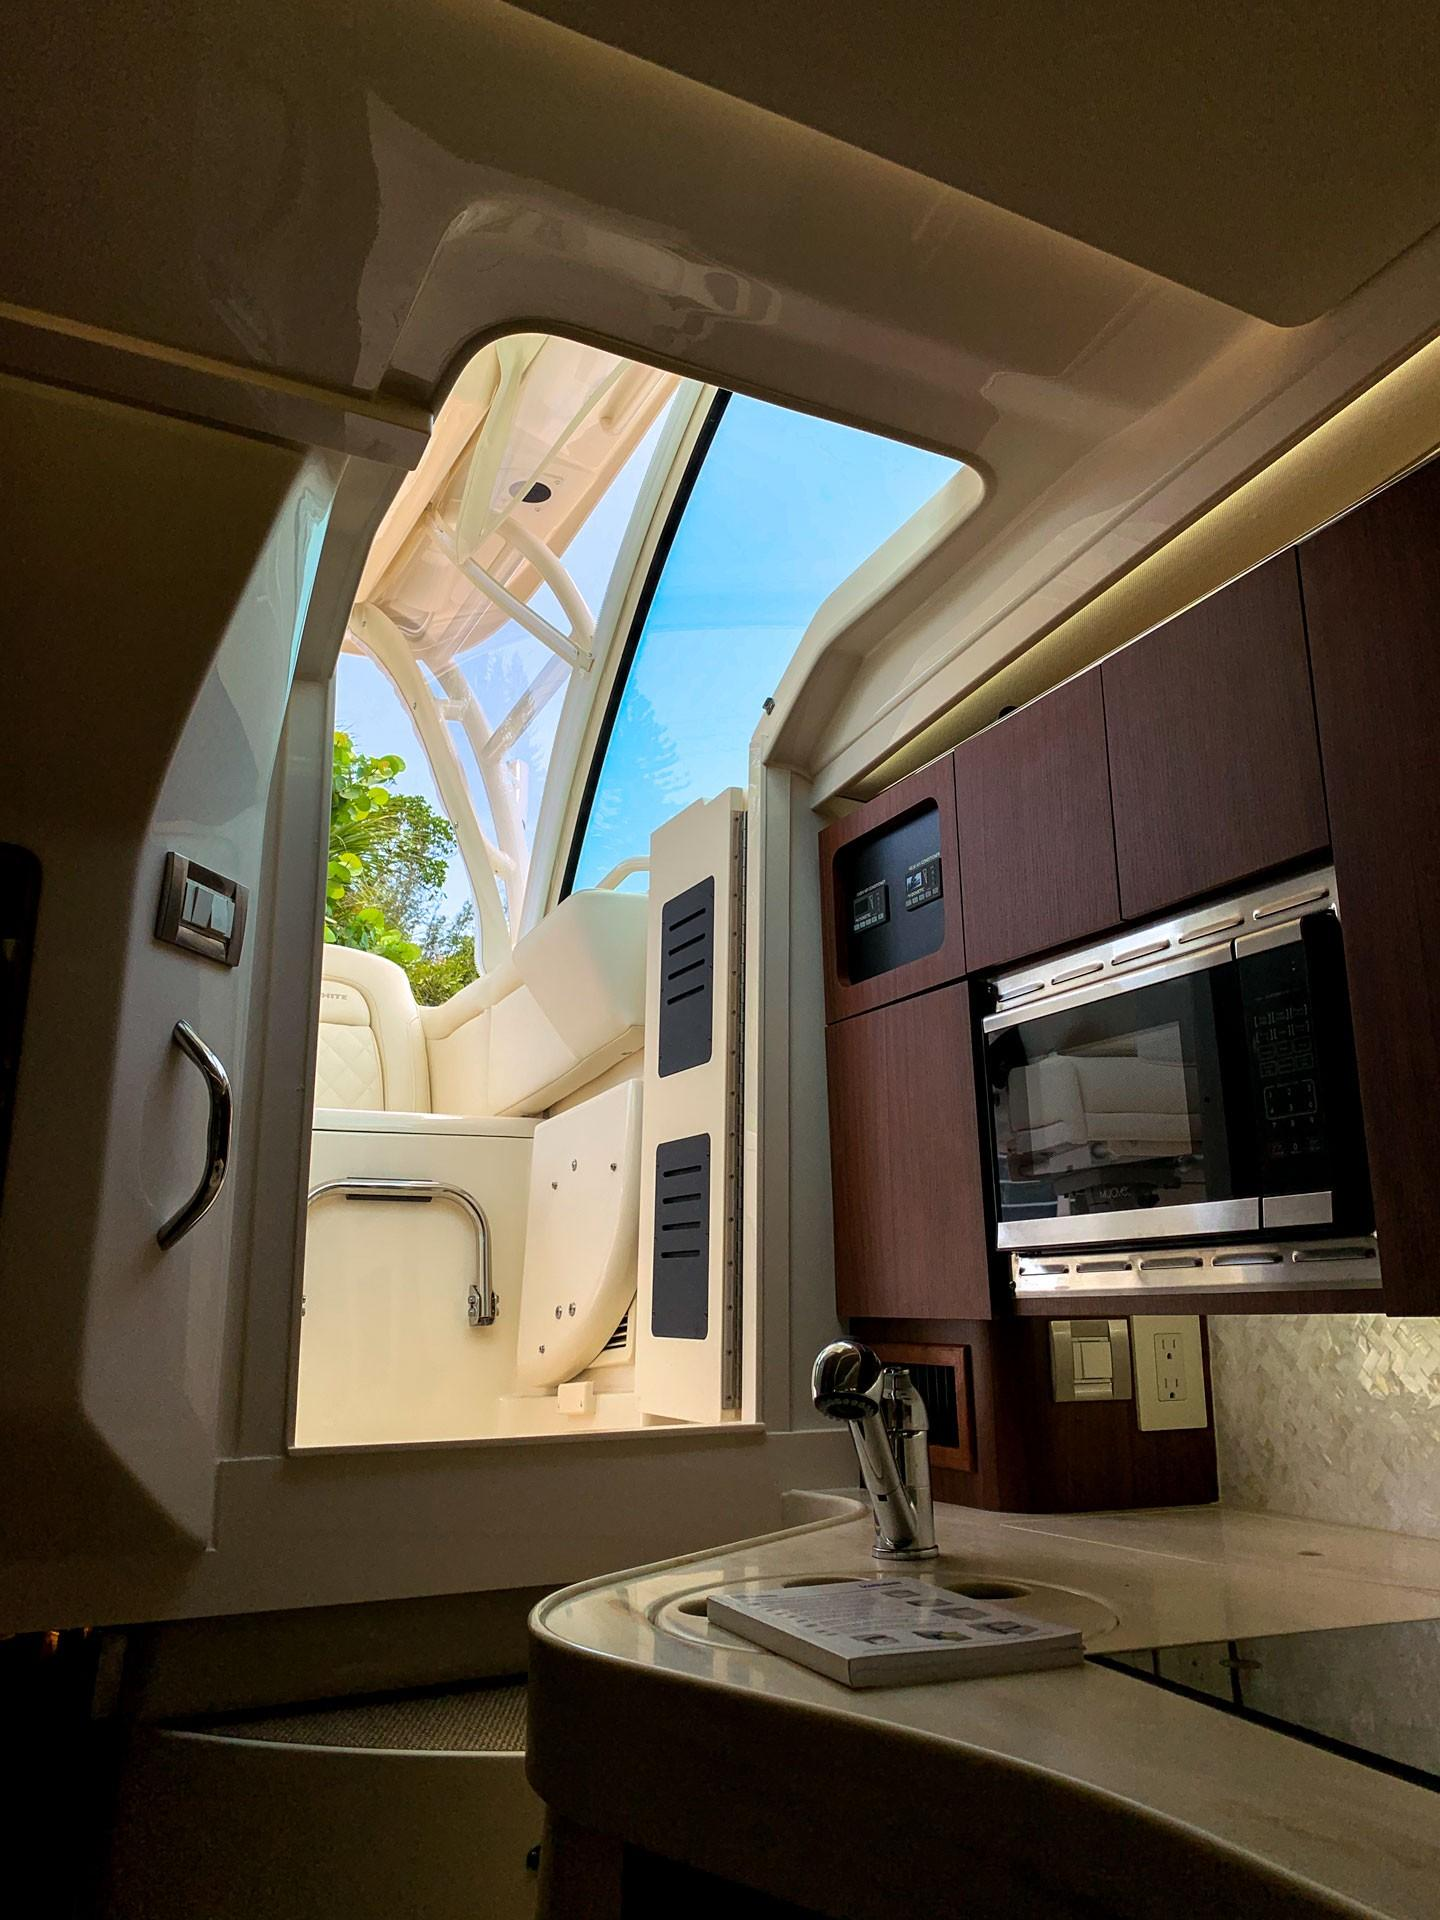 2019 Grady-White 330 Express